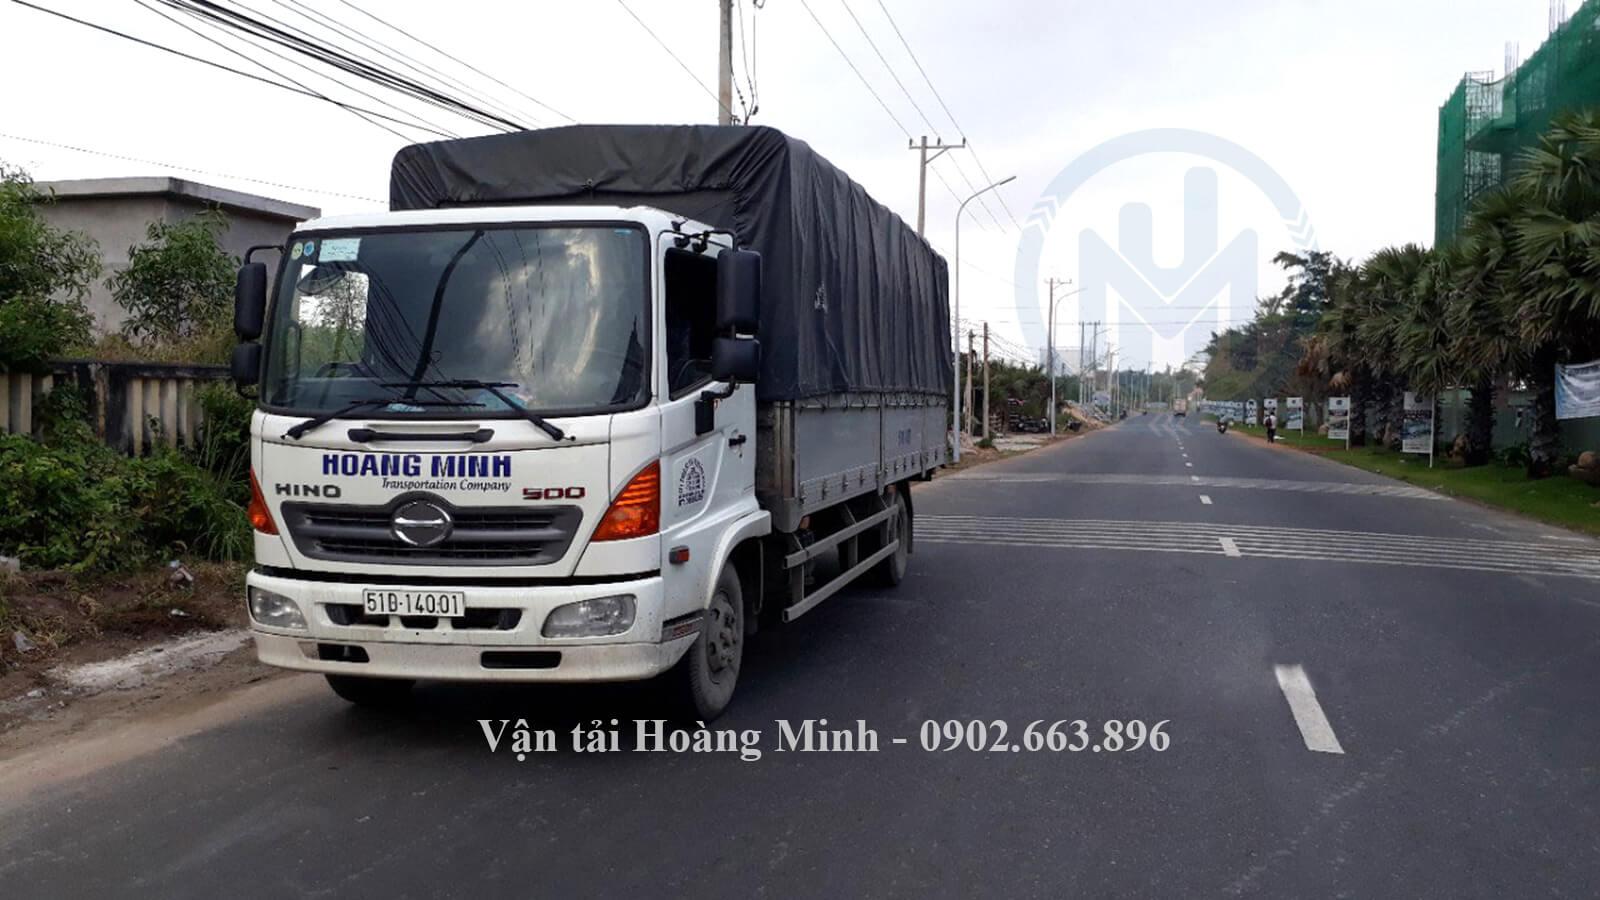 dịch vụ cho thuê xe tải chở hàng đi tỉnh